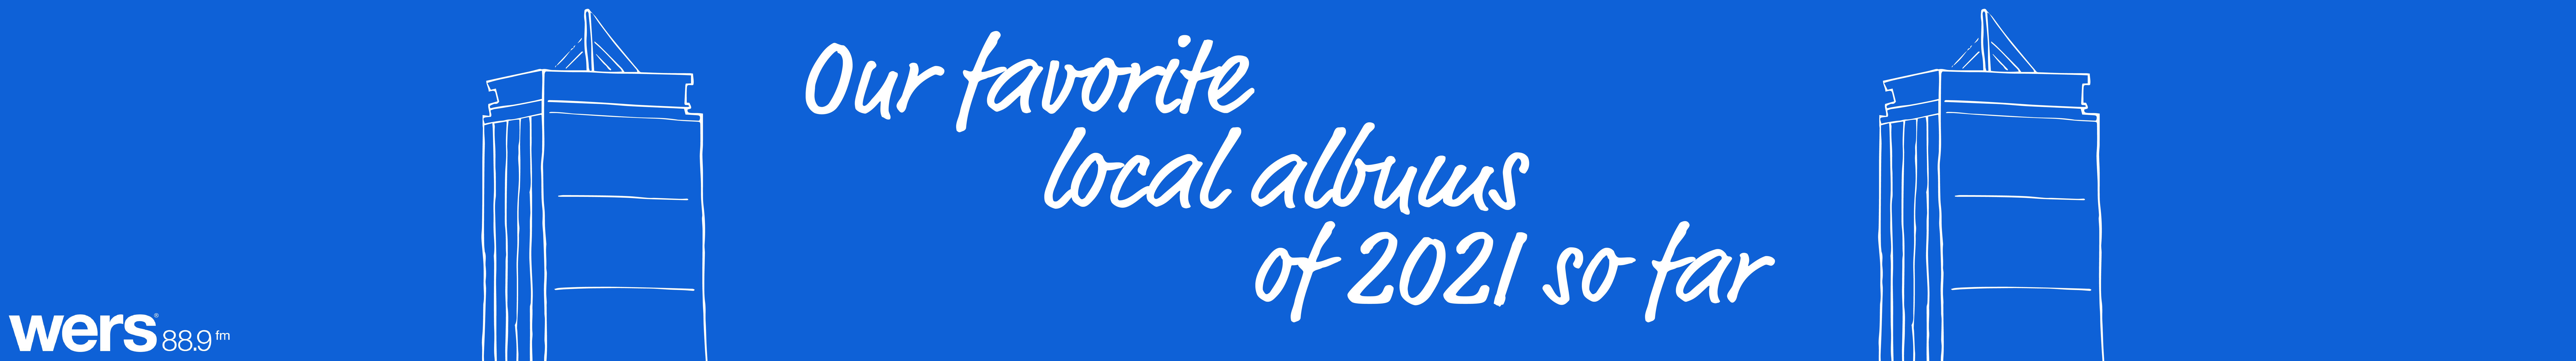 Favorite local albums